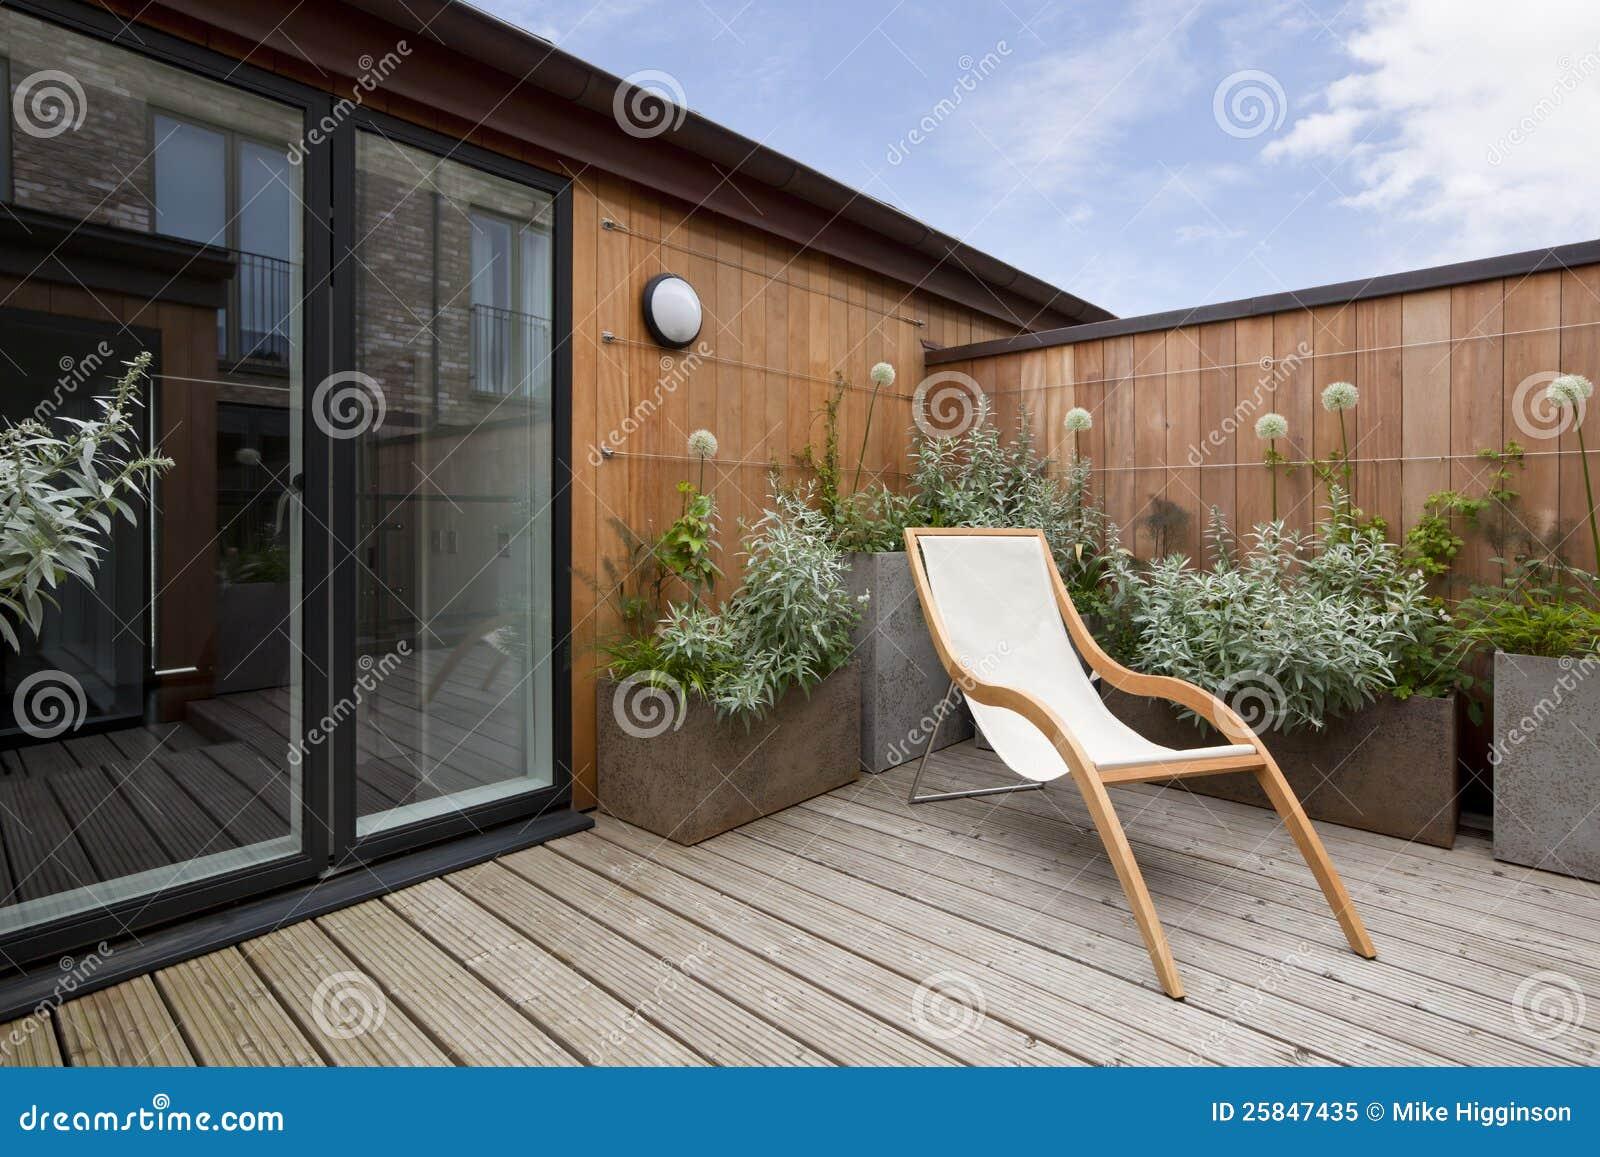 jardin urbain de balcon photo libre de droits image